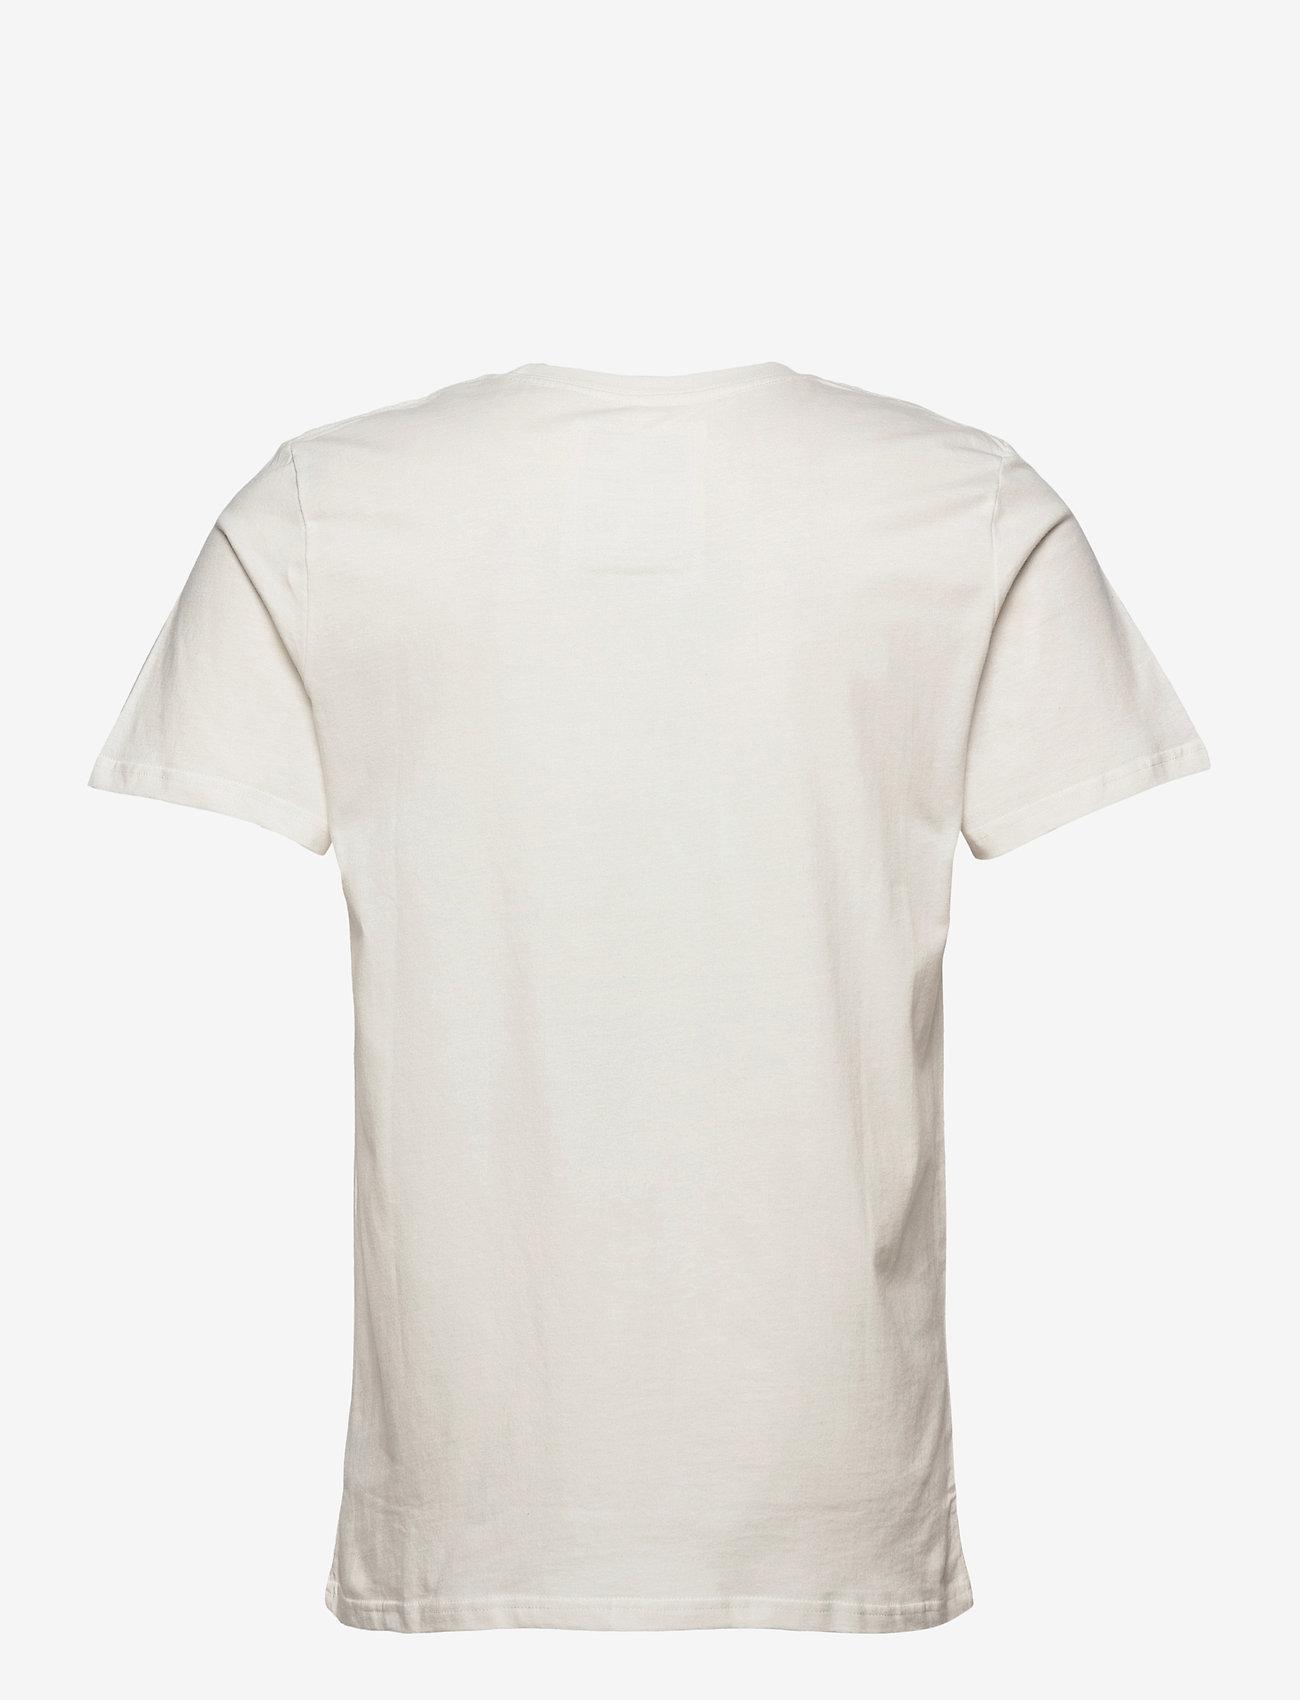 DEDICATED T-shirt Stockholm Eat Sleep Ski - T-skjorter OFF-WHITE - Menn Klær